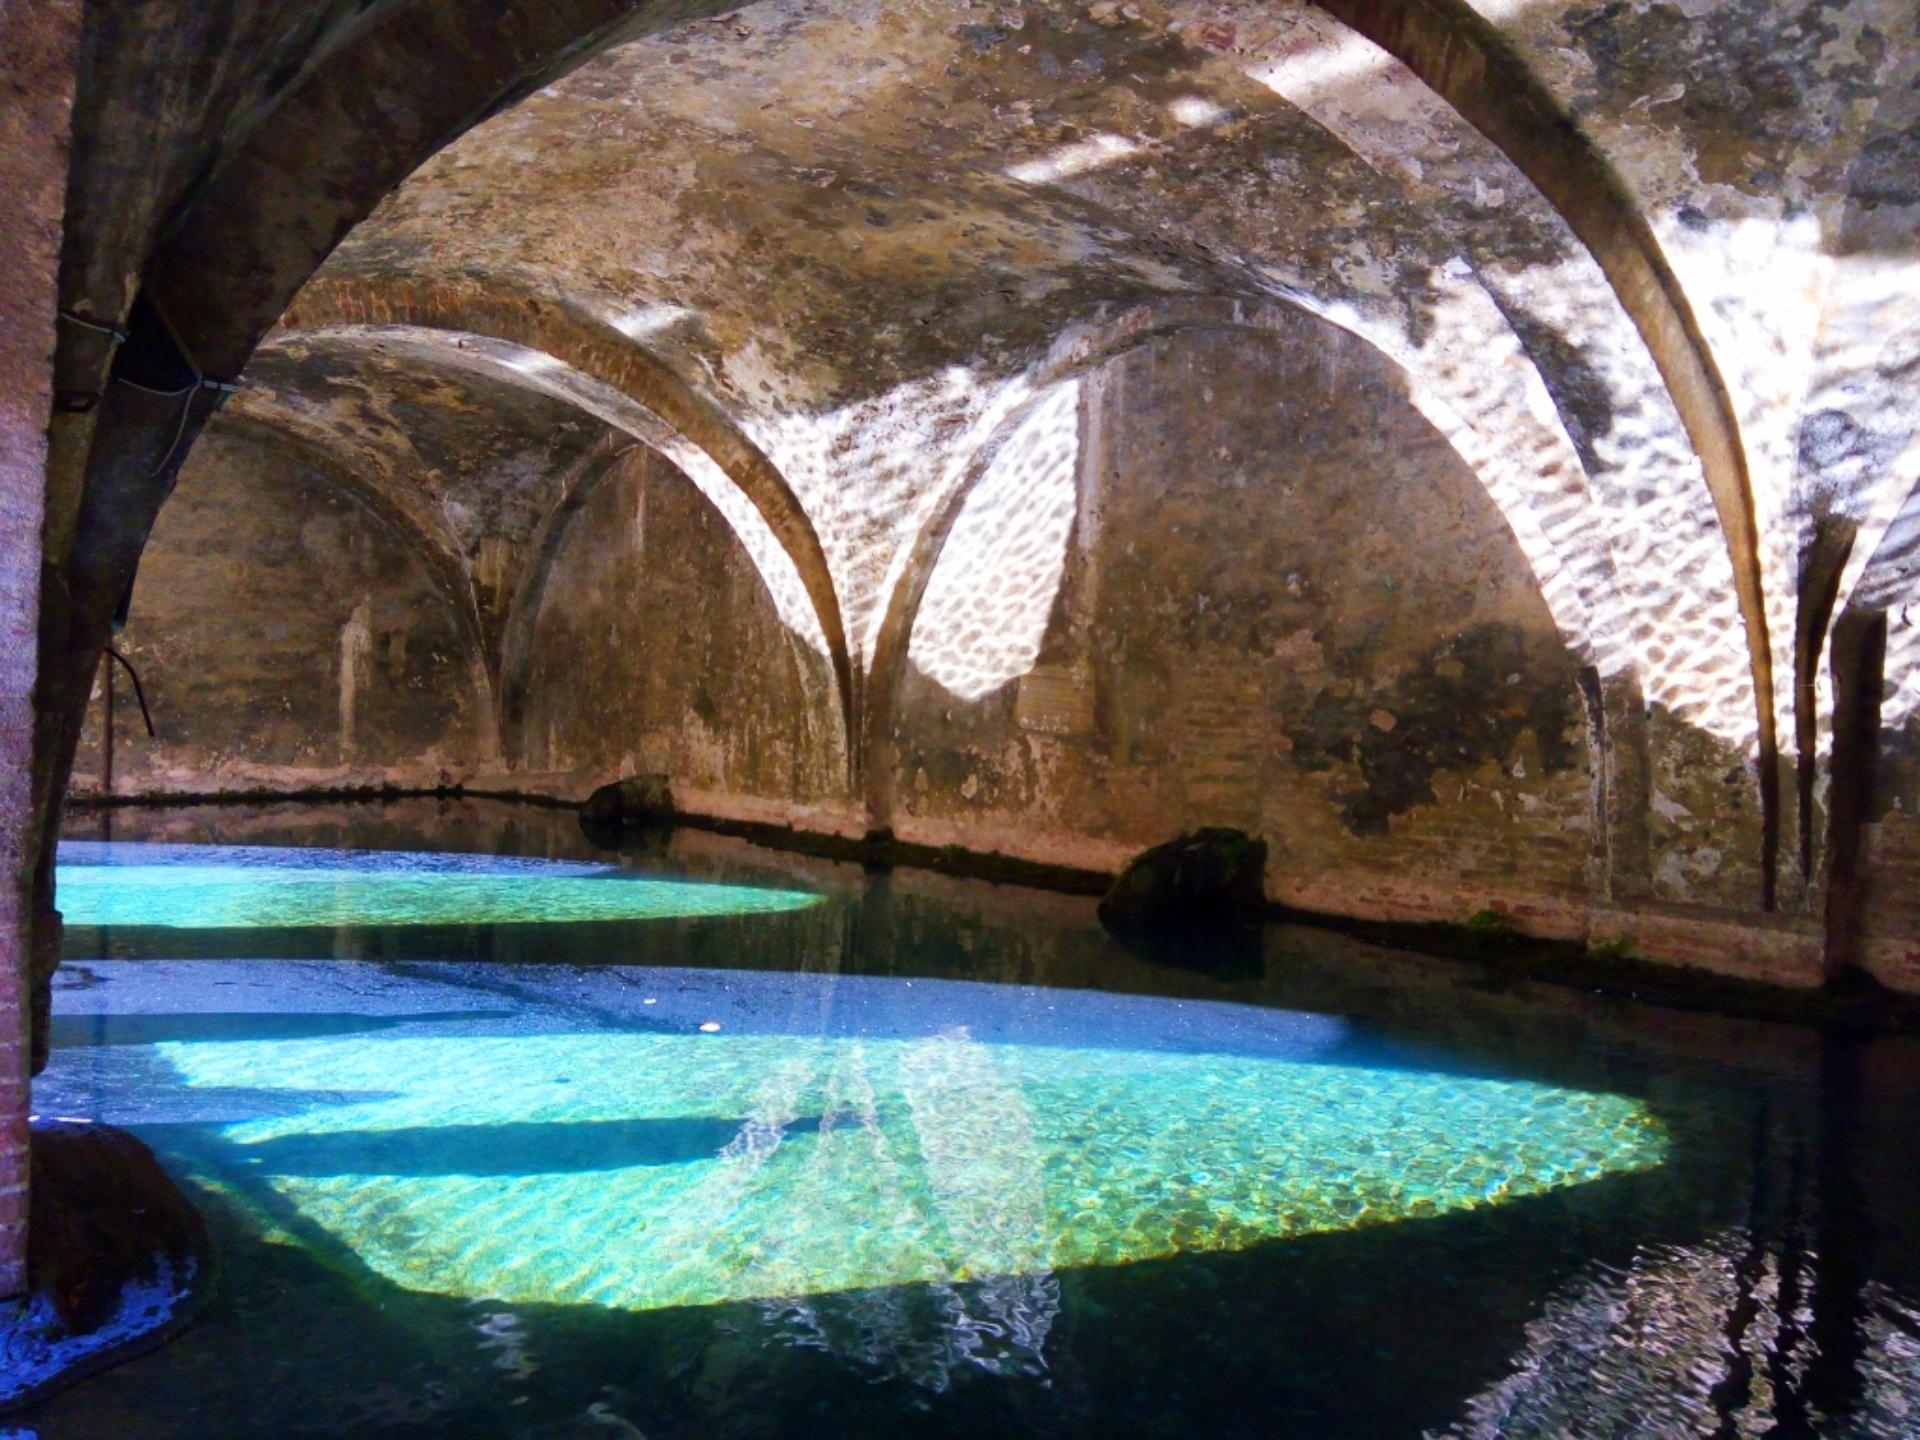 A parte de dentro da Fontebranda, em Siena, com um azul inesquecível. Foto: Carolina Werneck/Gazeta do Povo